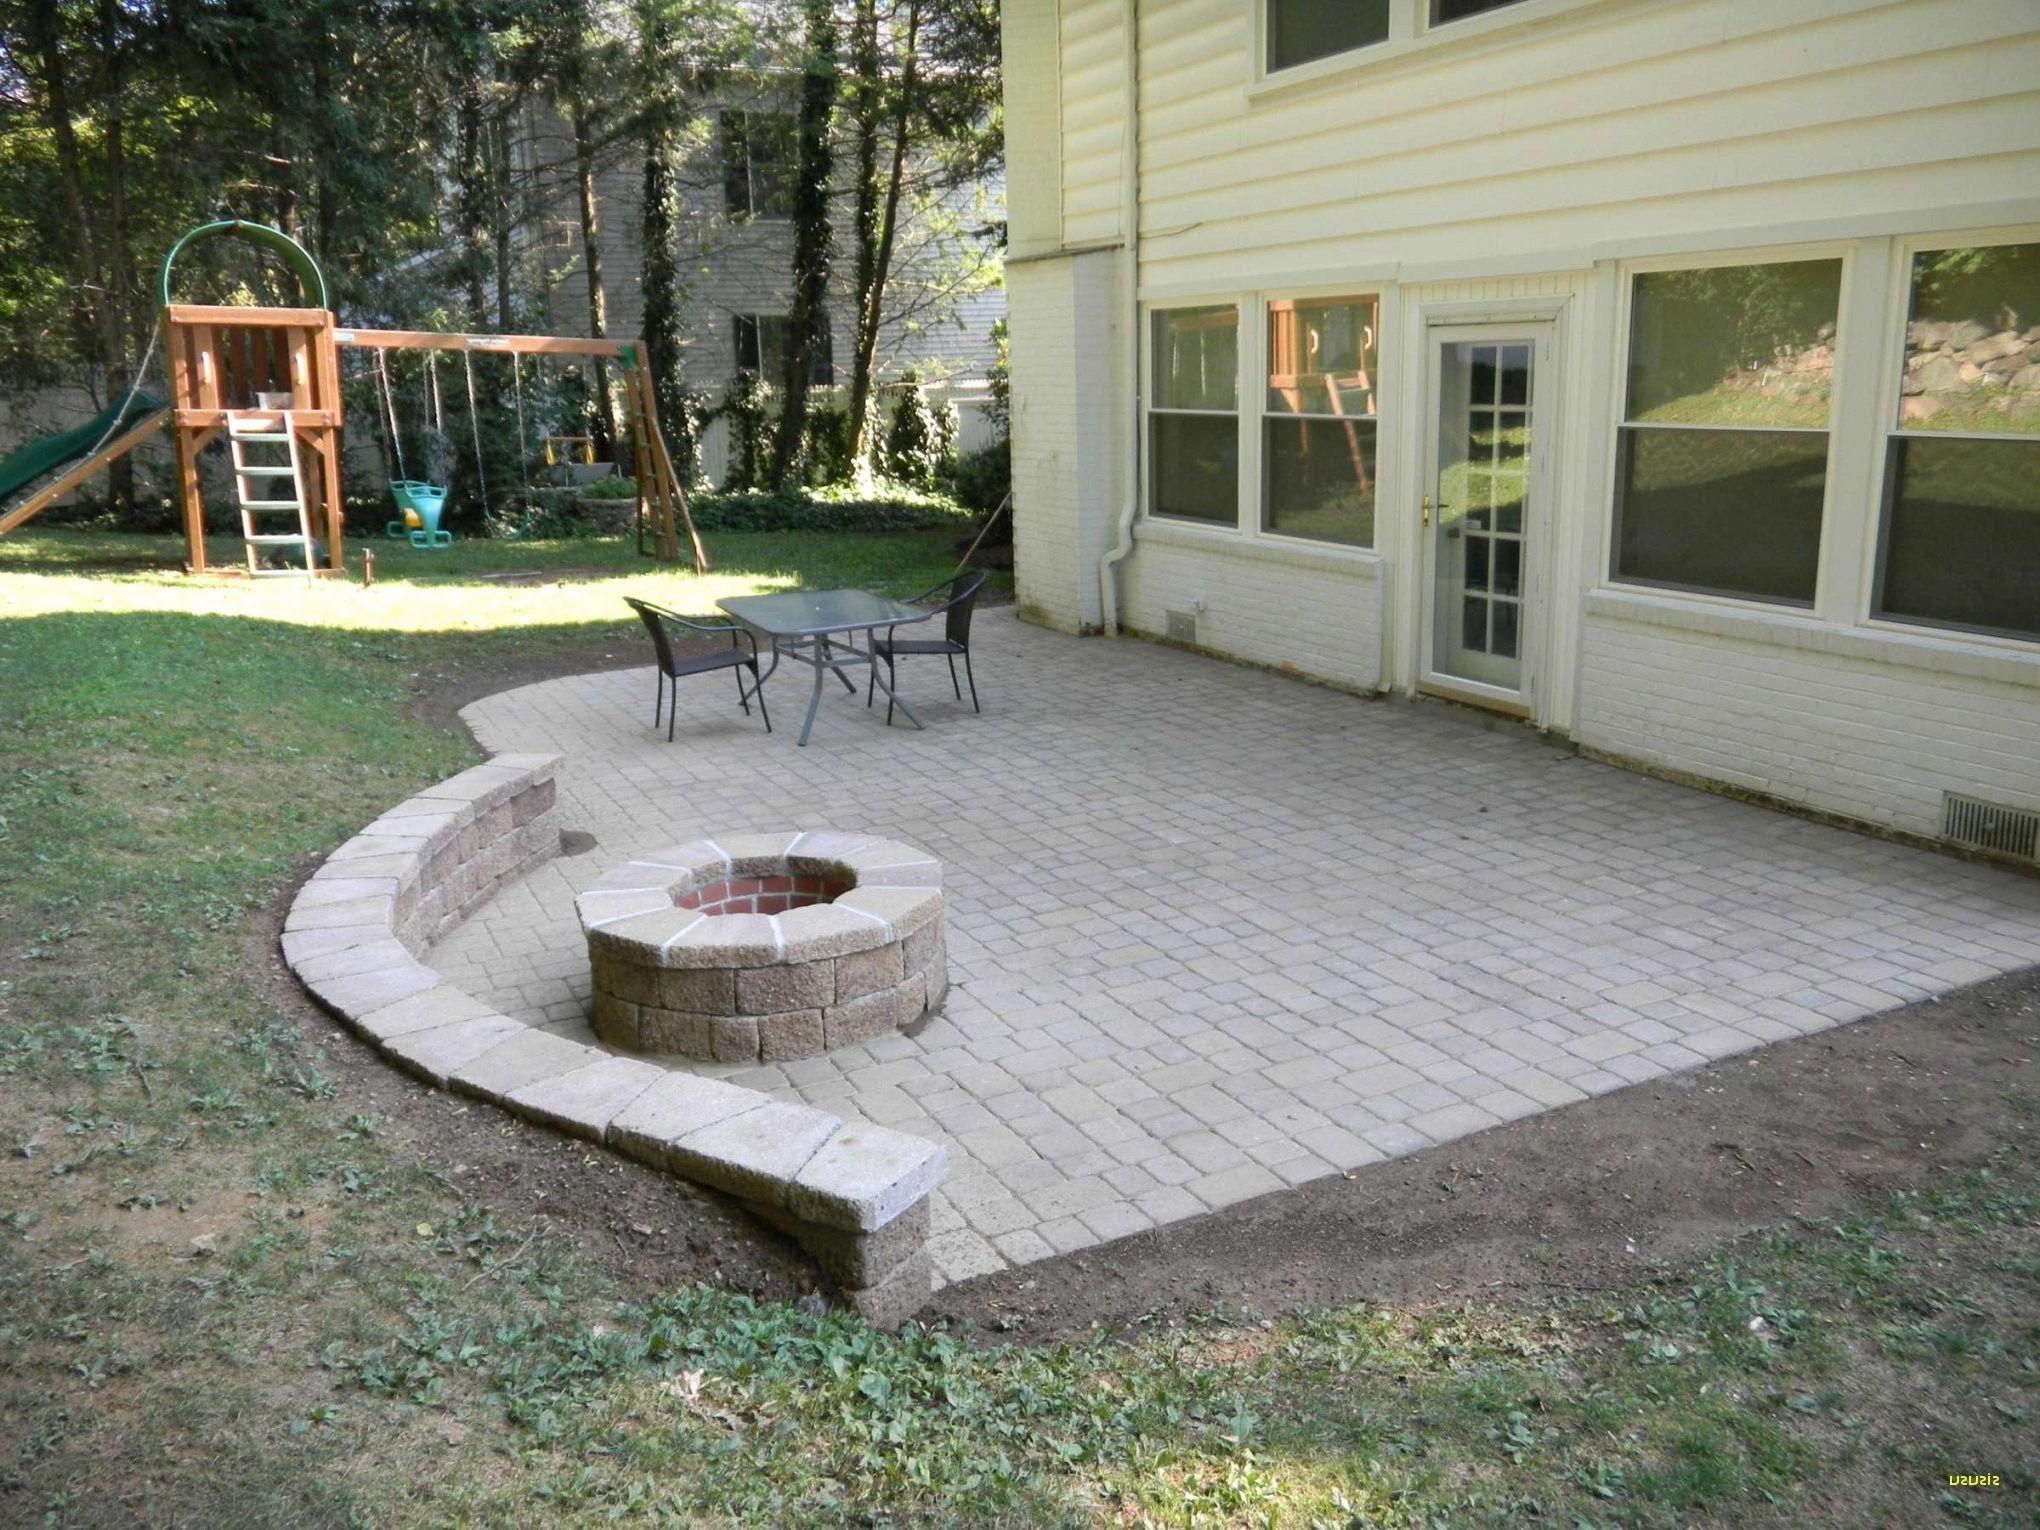 Attractive Cheap No Grass Backyard Ideas No Grass Backyard ... on Cheap No Grass Backyard Ideas id=28598